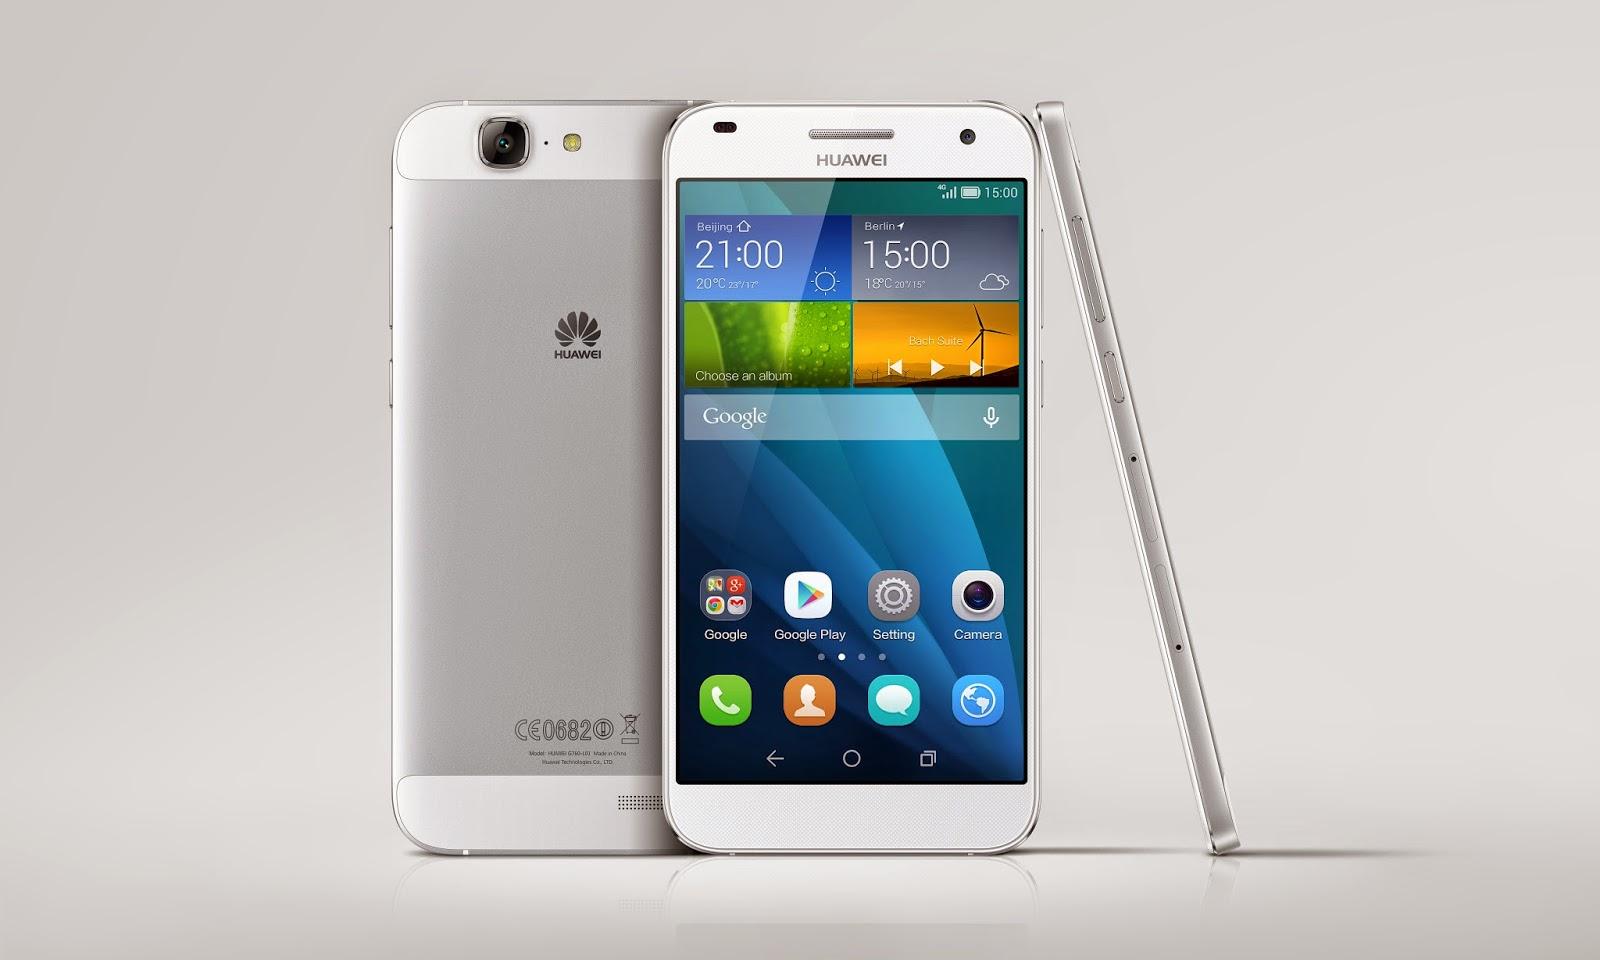 Ecco come si cambia la lingua del telefono Huawei 1